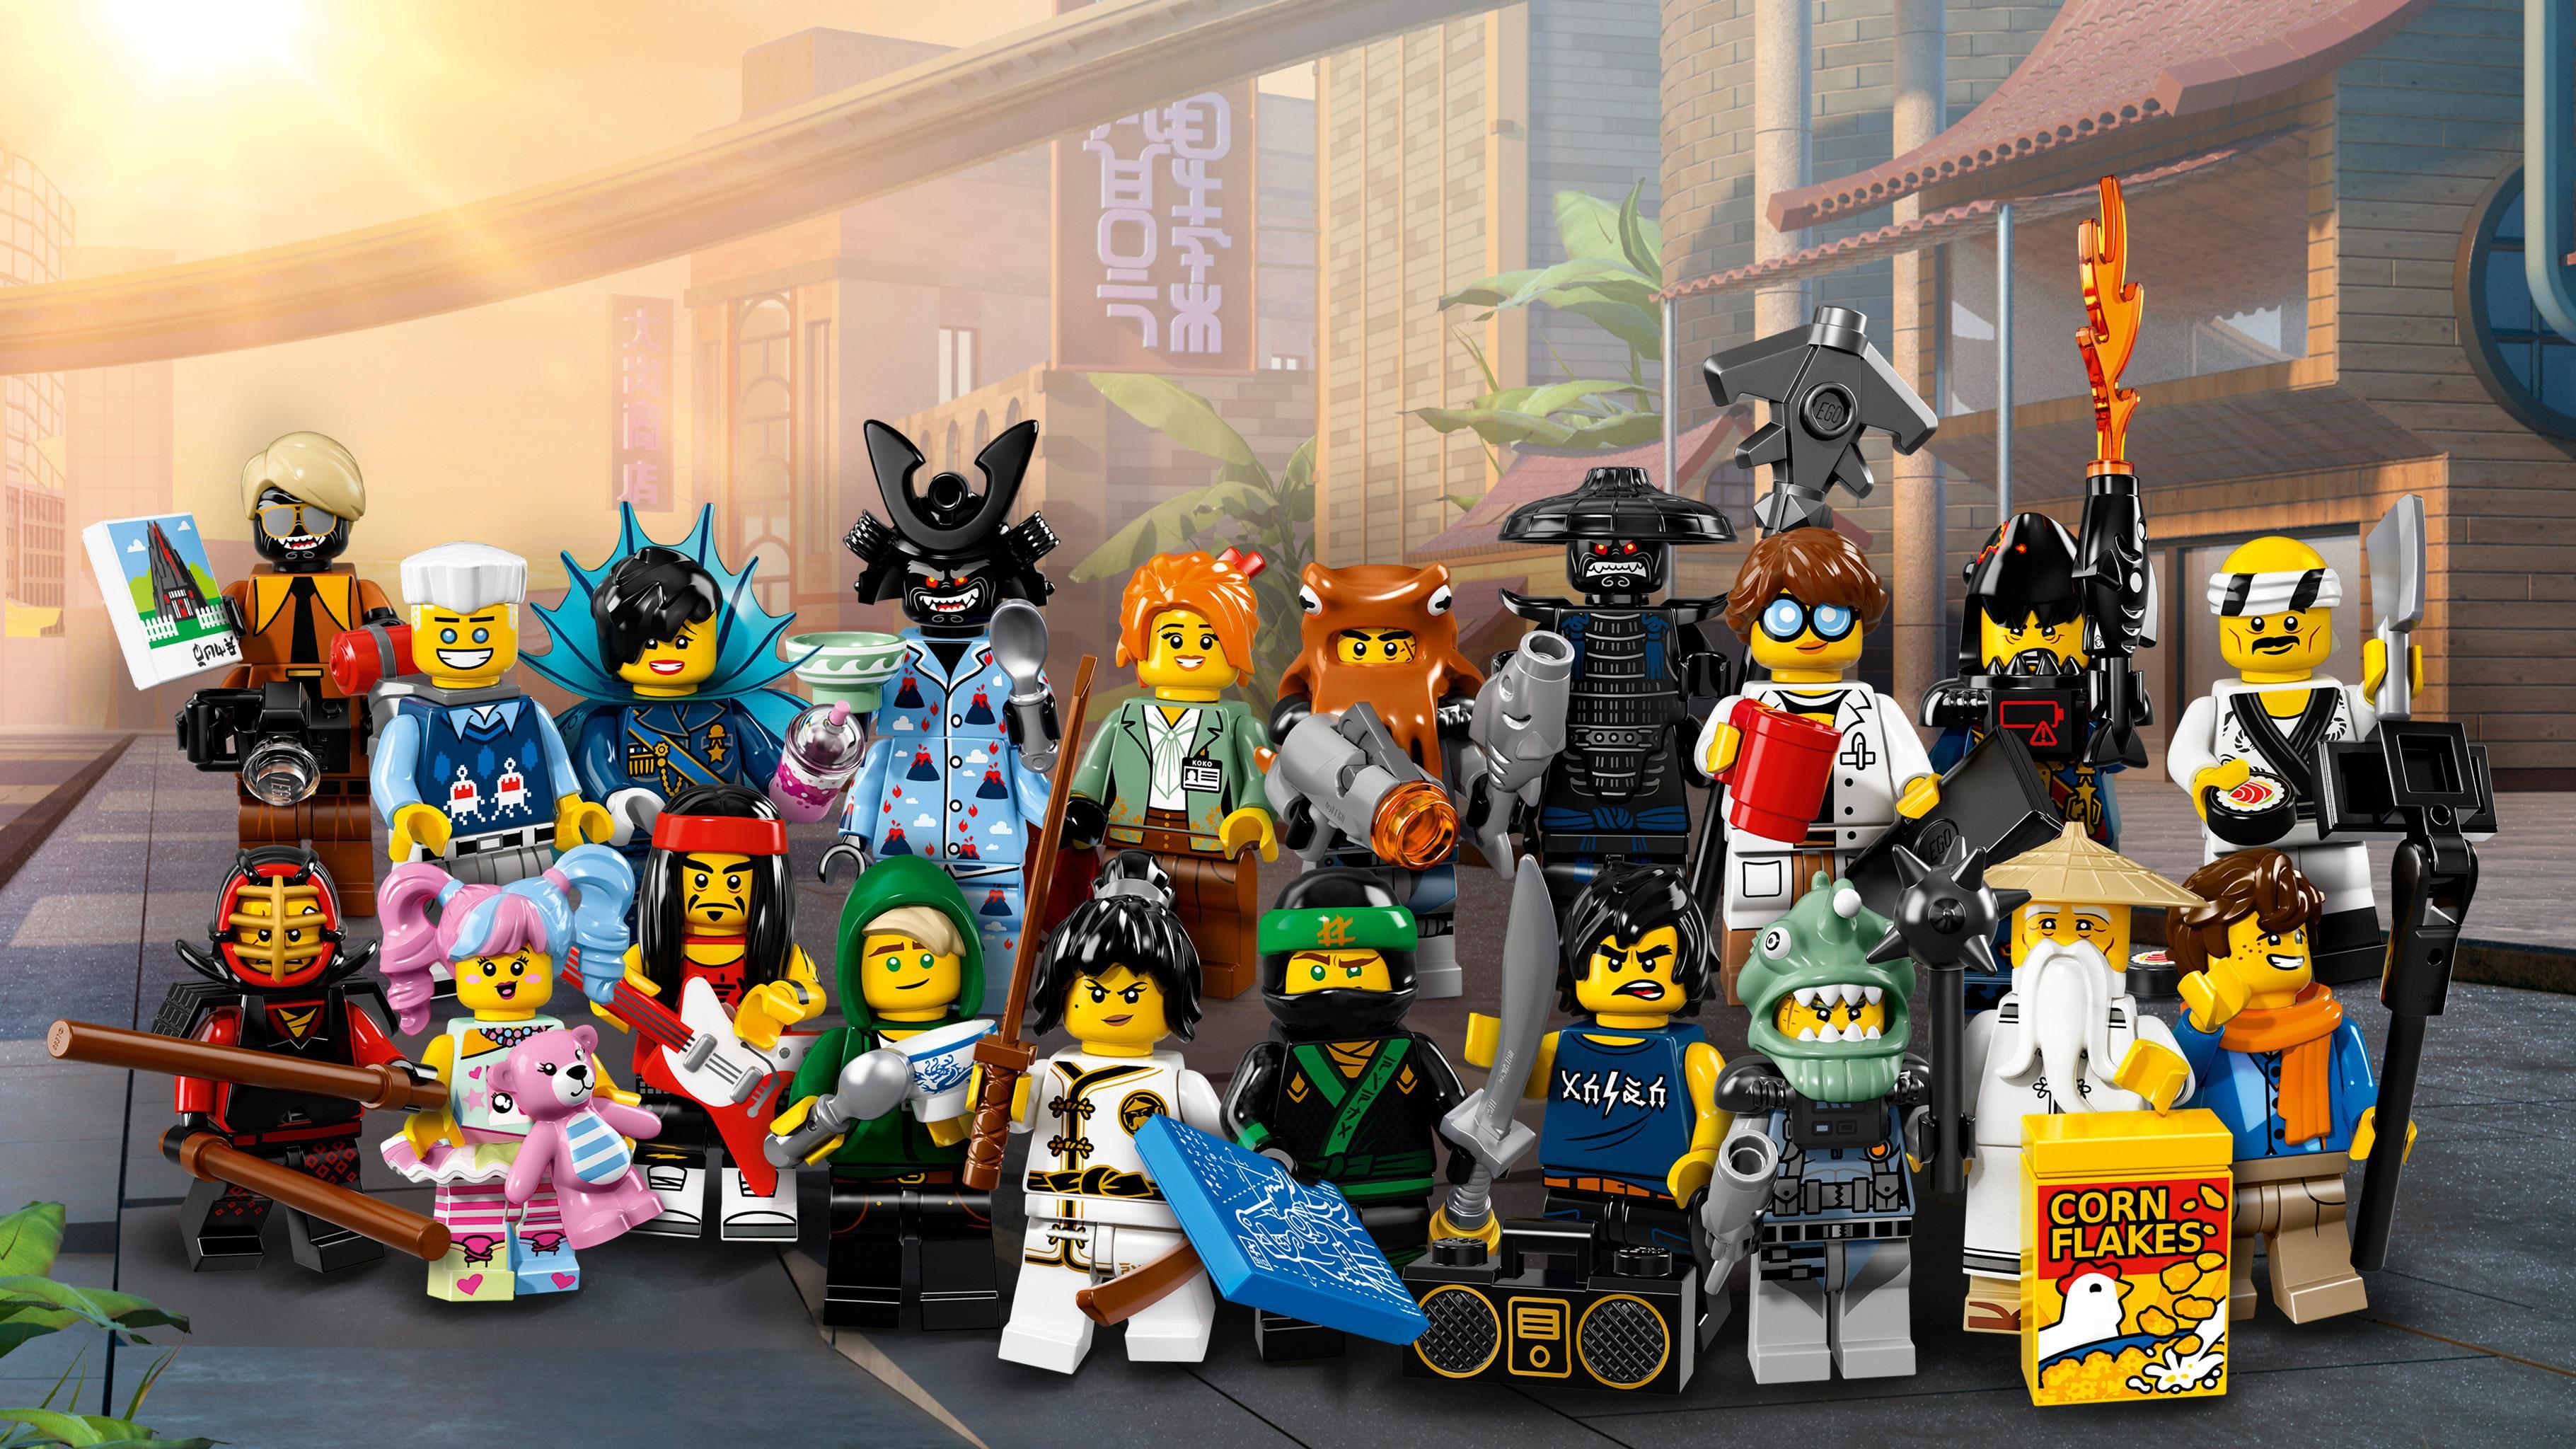 LEGO Minifiguras 71019 Colección de minifiguras de The Lego Ninjago Movie